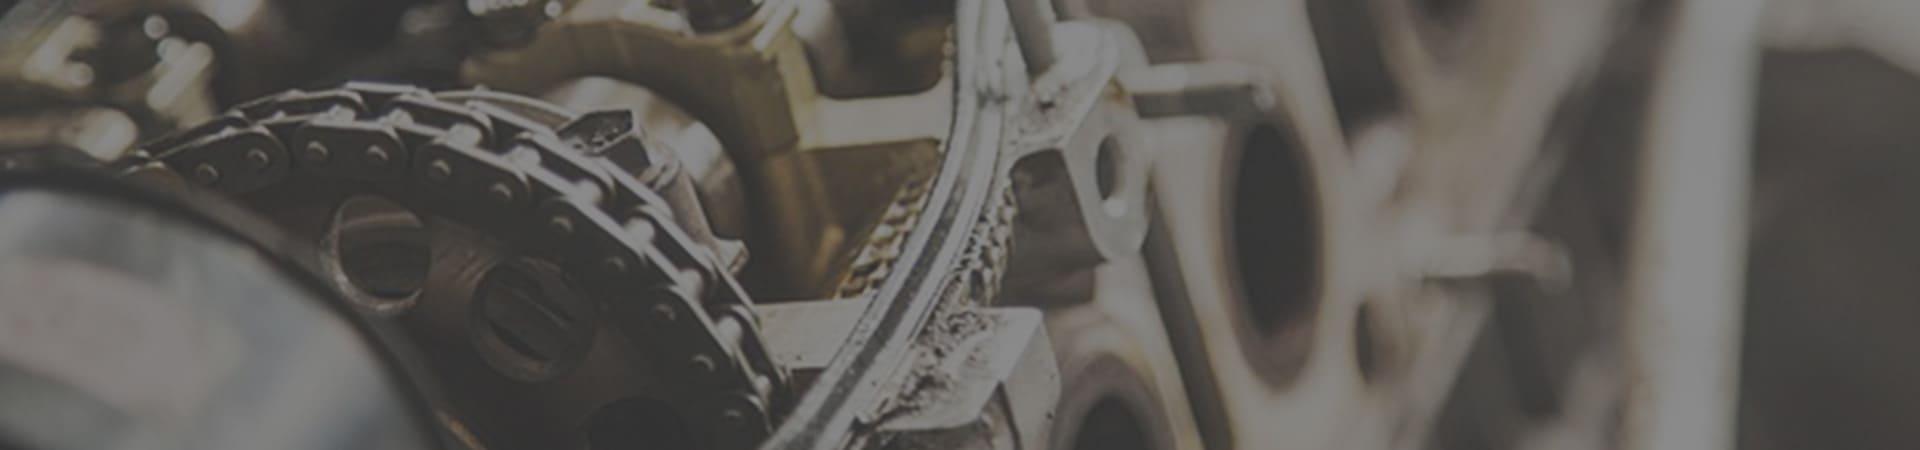 Glomax prodotti pre trattamento metalli